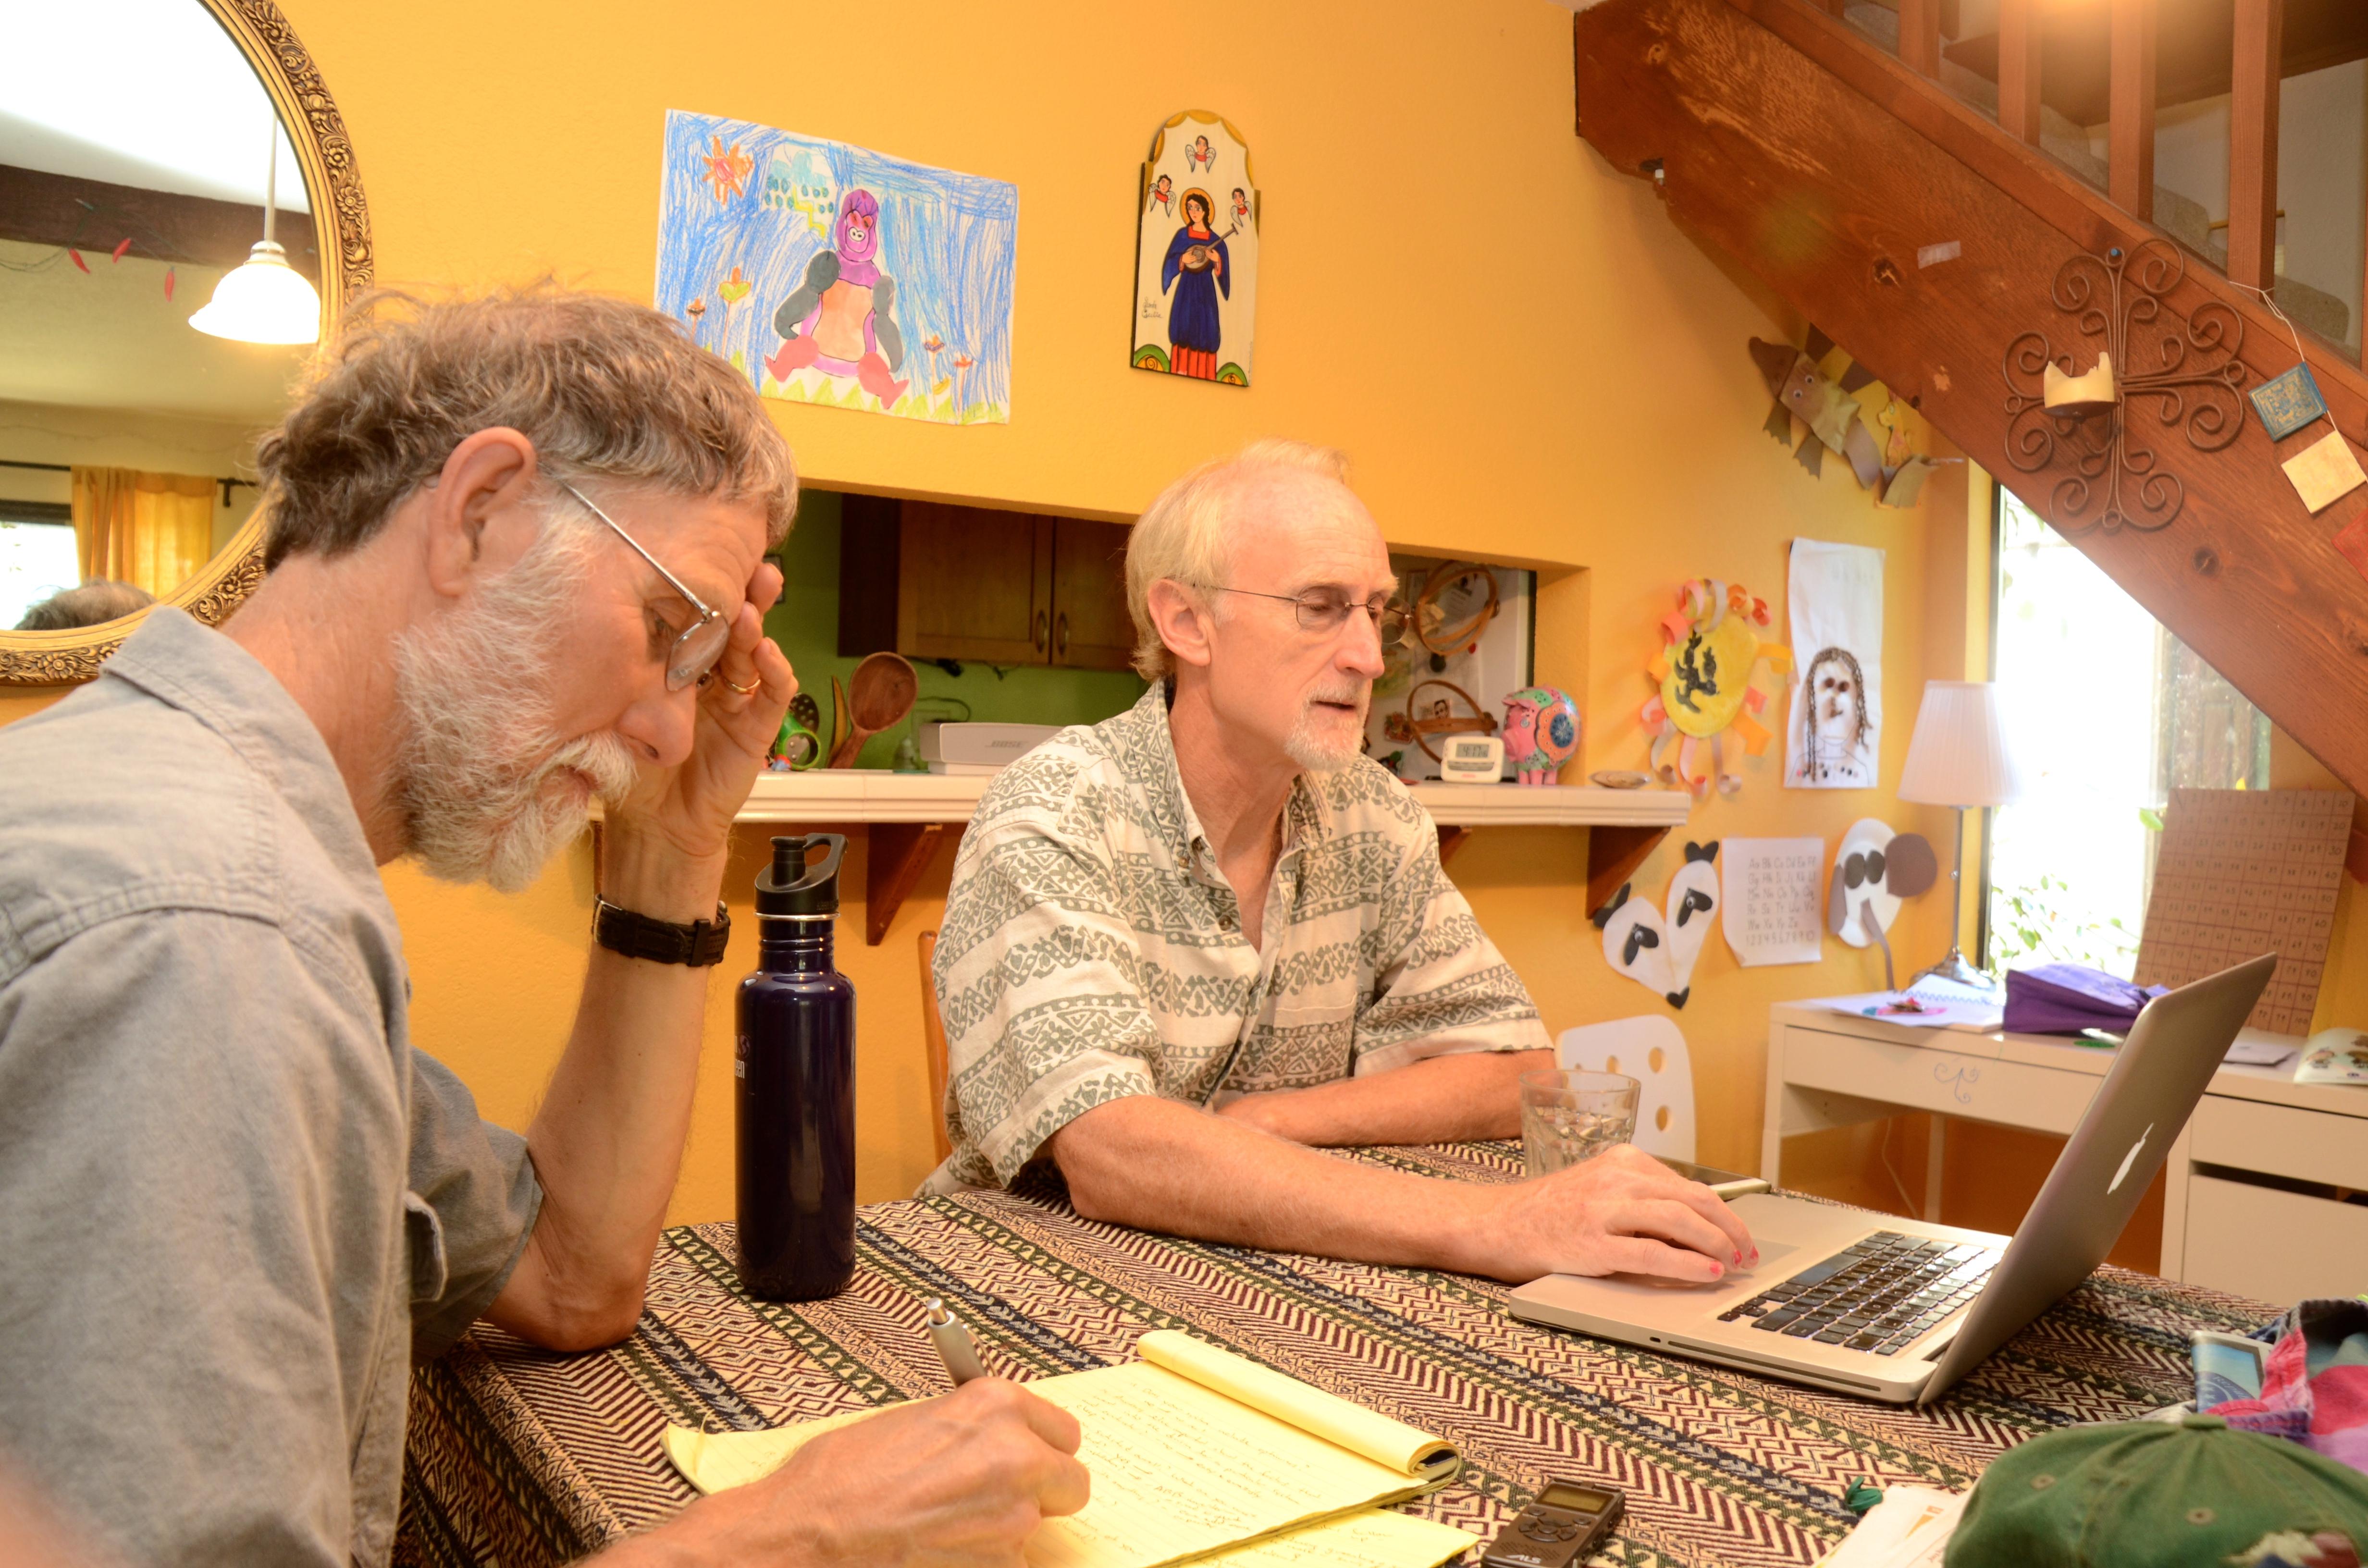 Steve Wheeler and Mike Kluk ponder solar